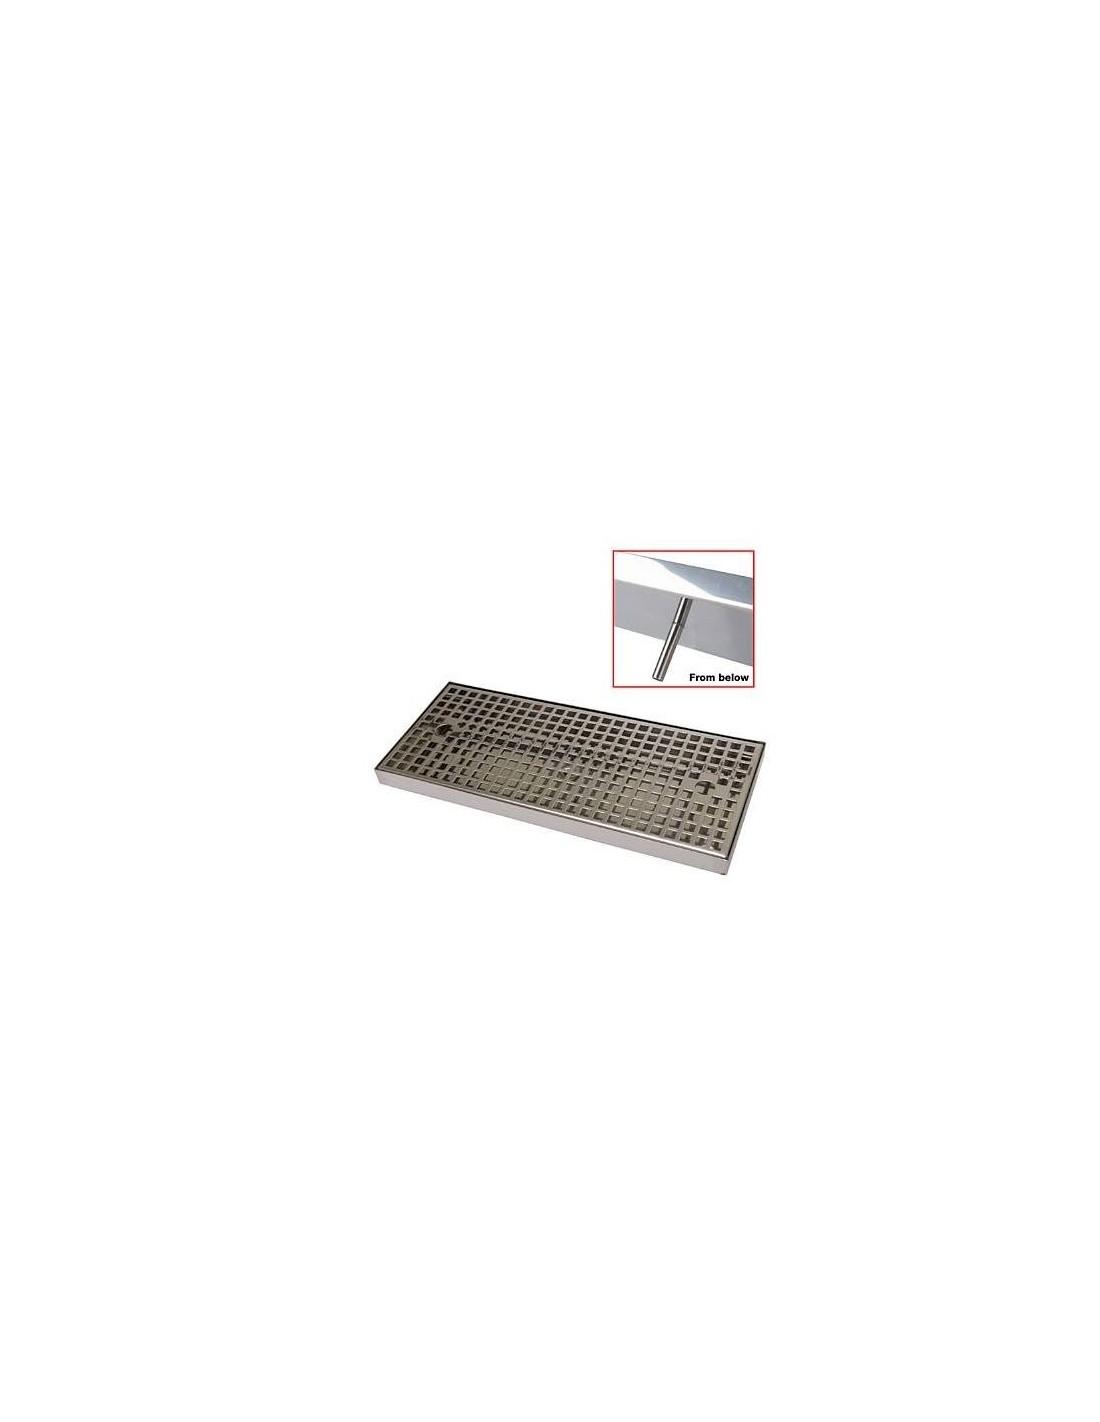 UPP00212 - Spillbrickor - Spillbricka i rostfritt 700x170x25mm med avlopp